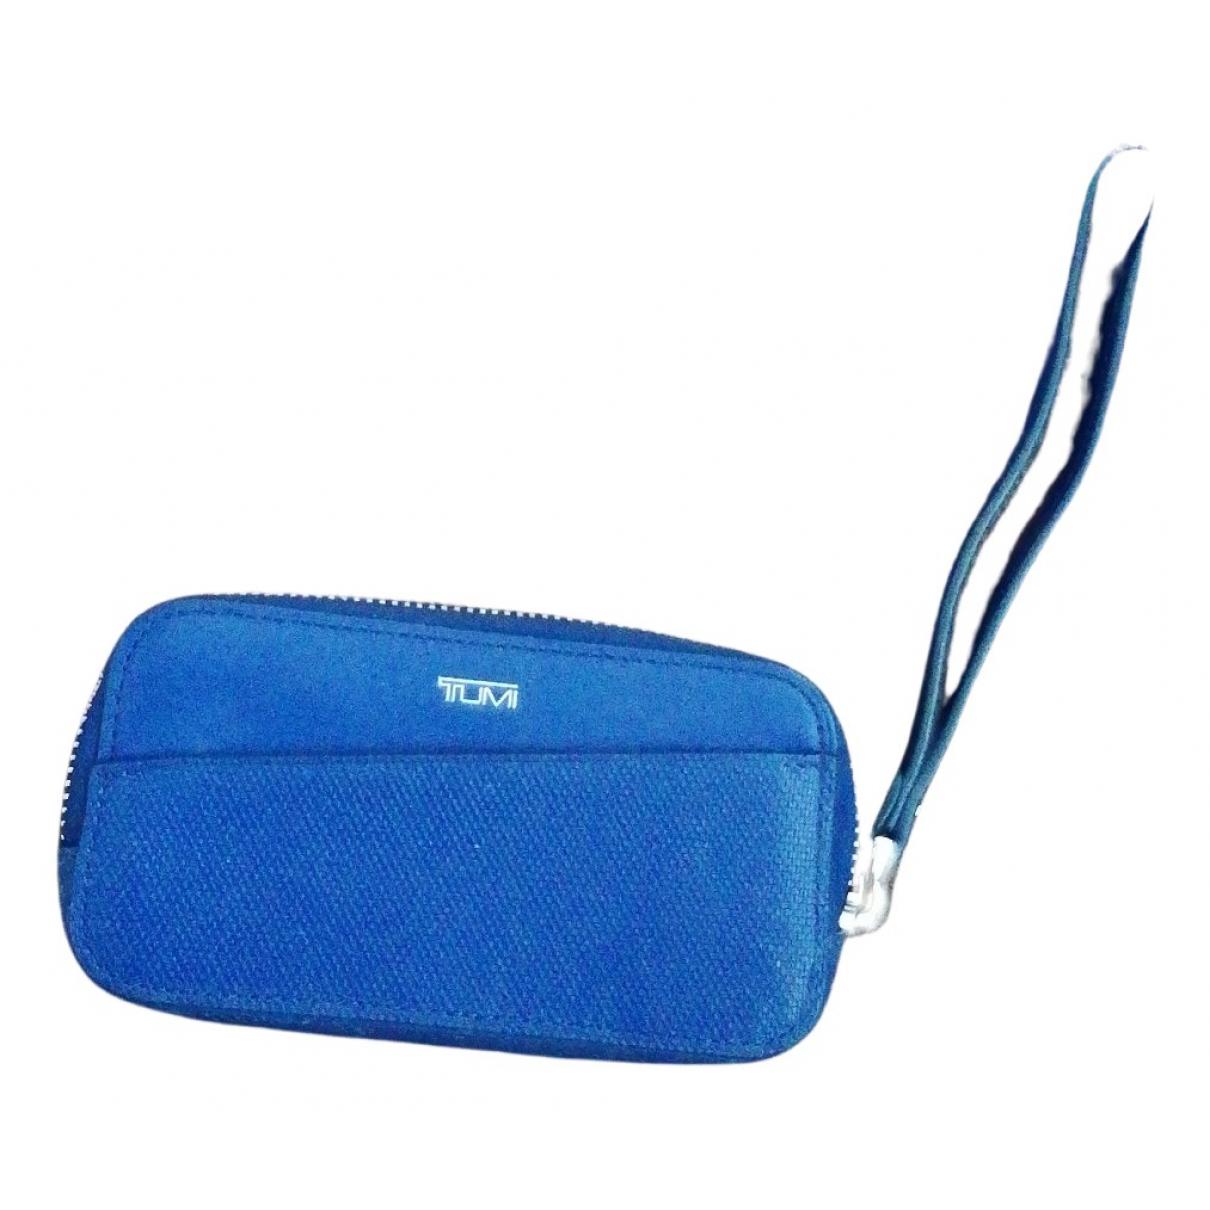 Tumi \N Kleinlederwaren in  Blau Leder